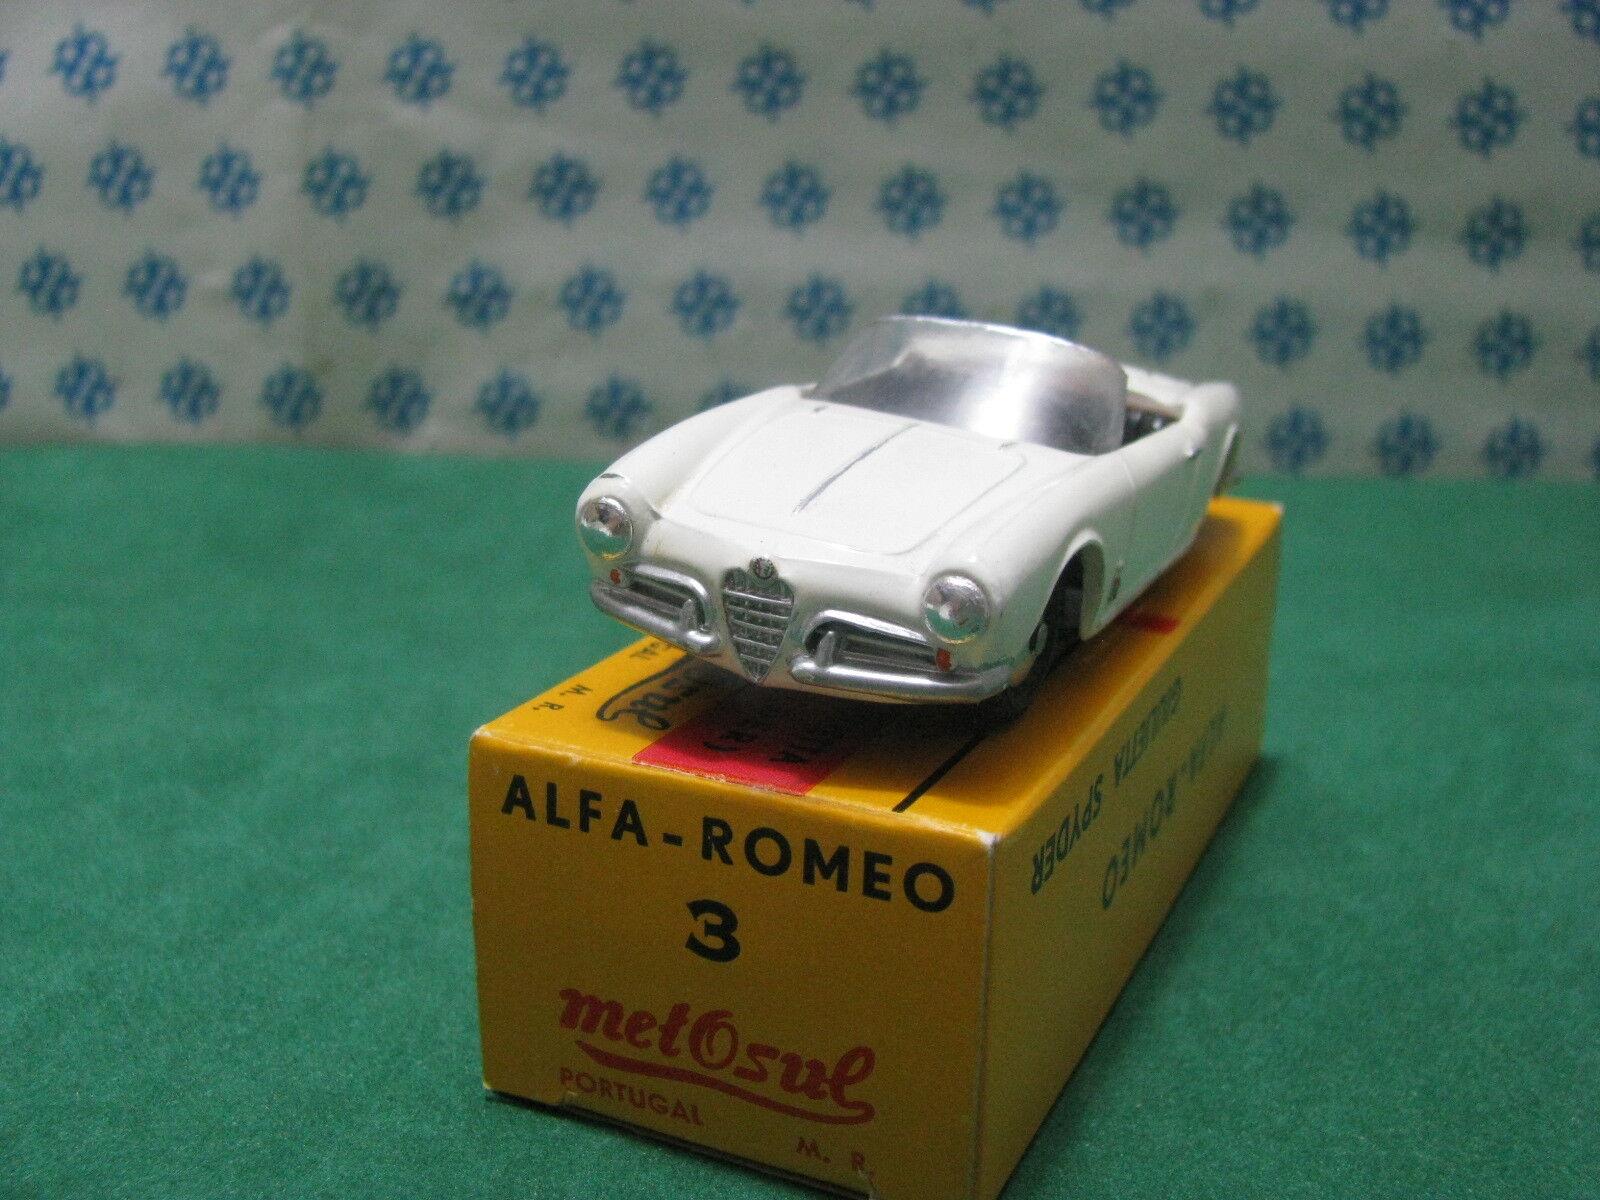 Vintage  -   ALFA ROMEO Giulietta Spyder  - 1 43  Metosul n°3   Portugal 1966